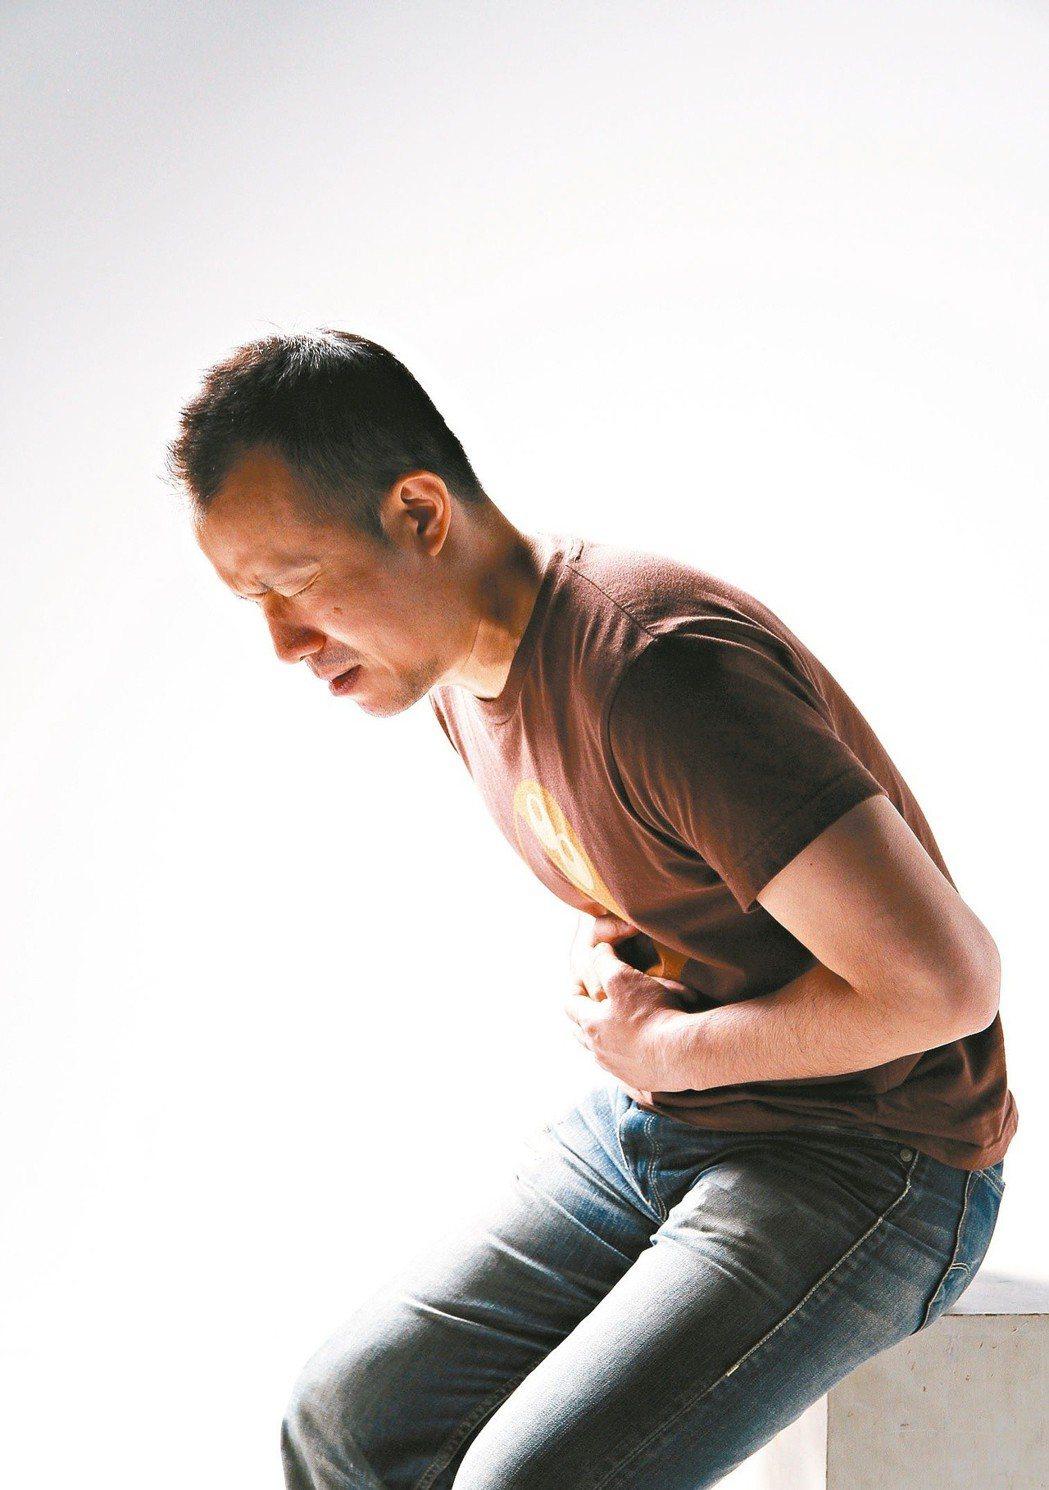 坊間流傳,如果接受糞便潛血檢查,結果異常,再篩一次就沒事了。衛福部國健署指出,民...